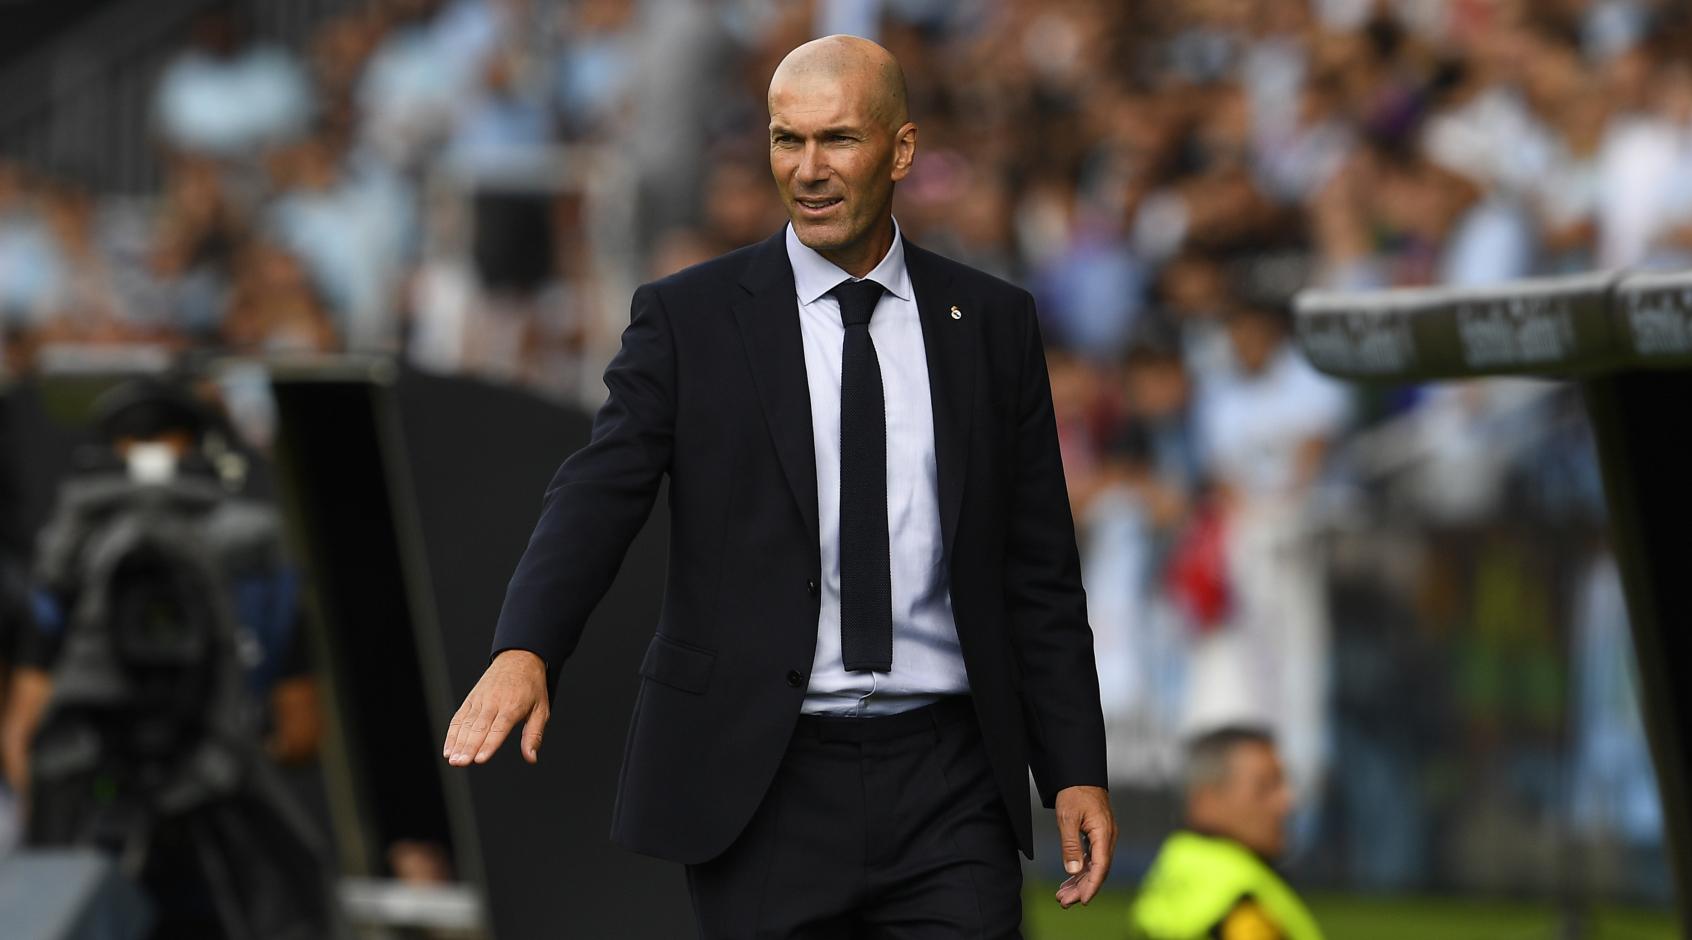 """""""Реал"""": стала известна реакция Зидана на выходку Бэйла с флагом"""